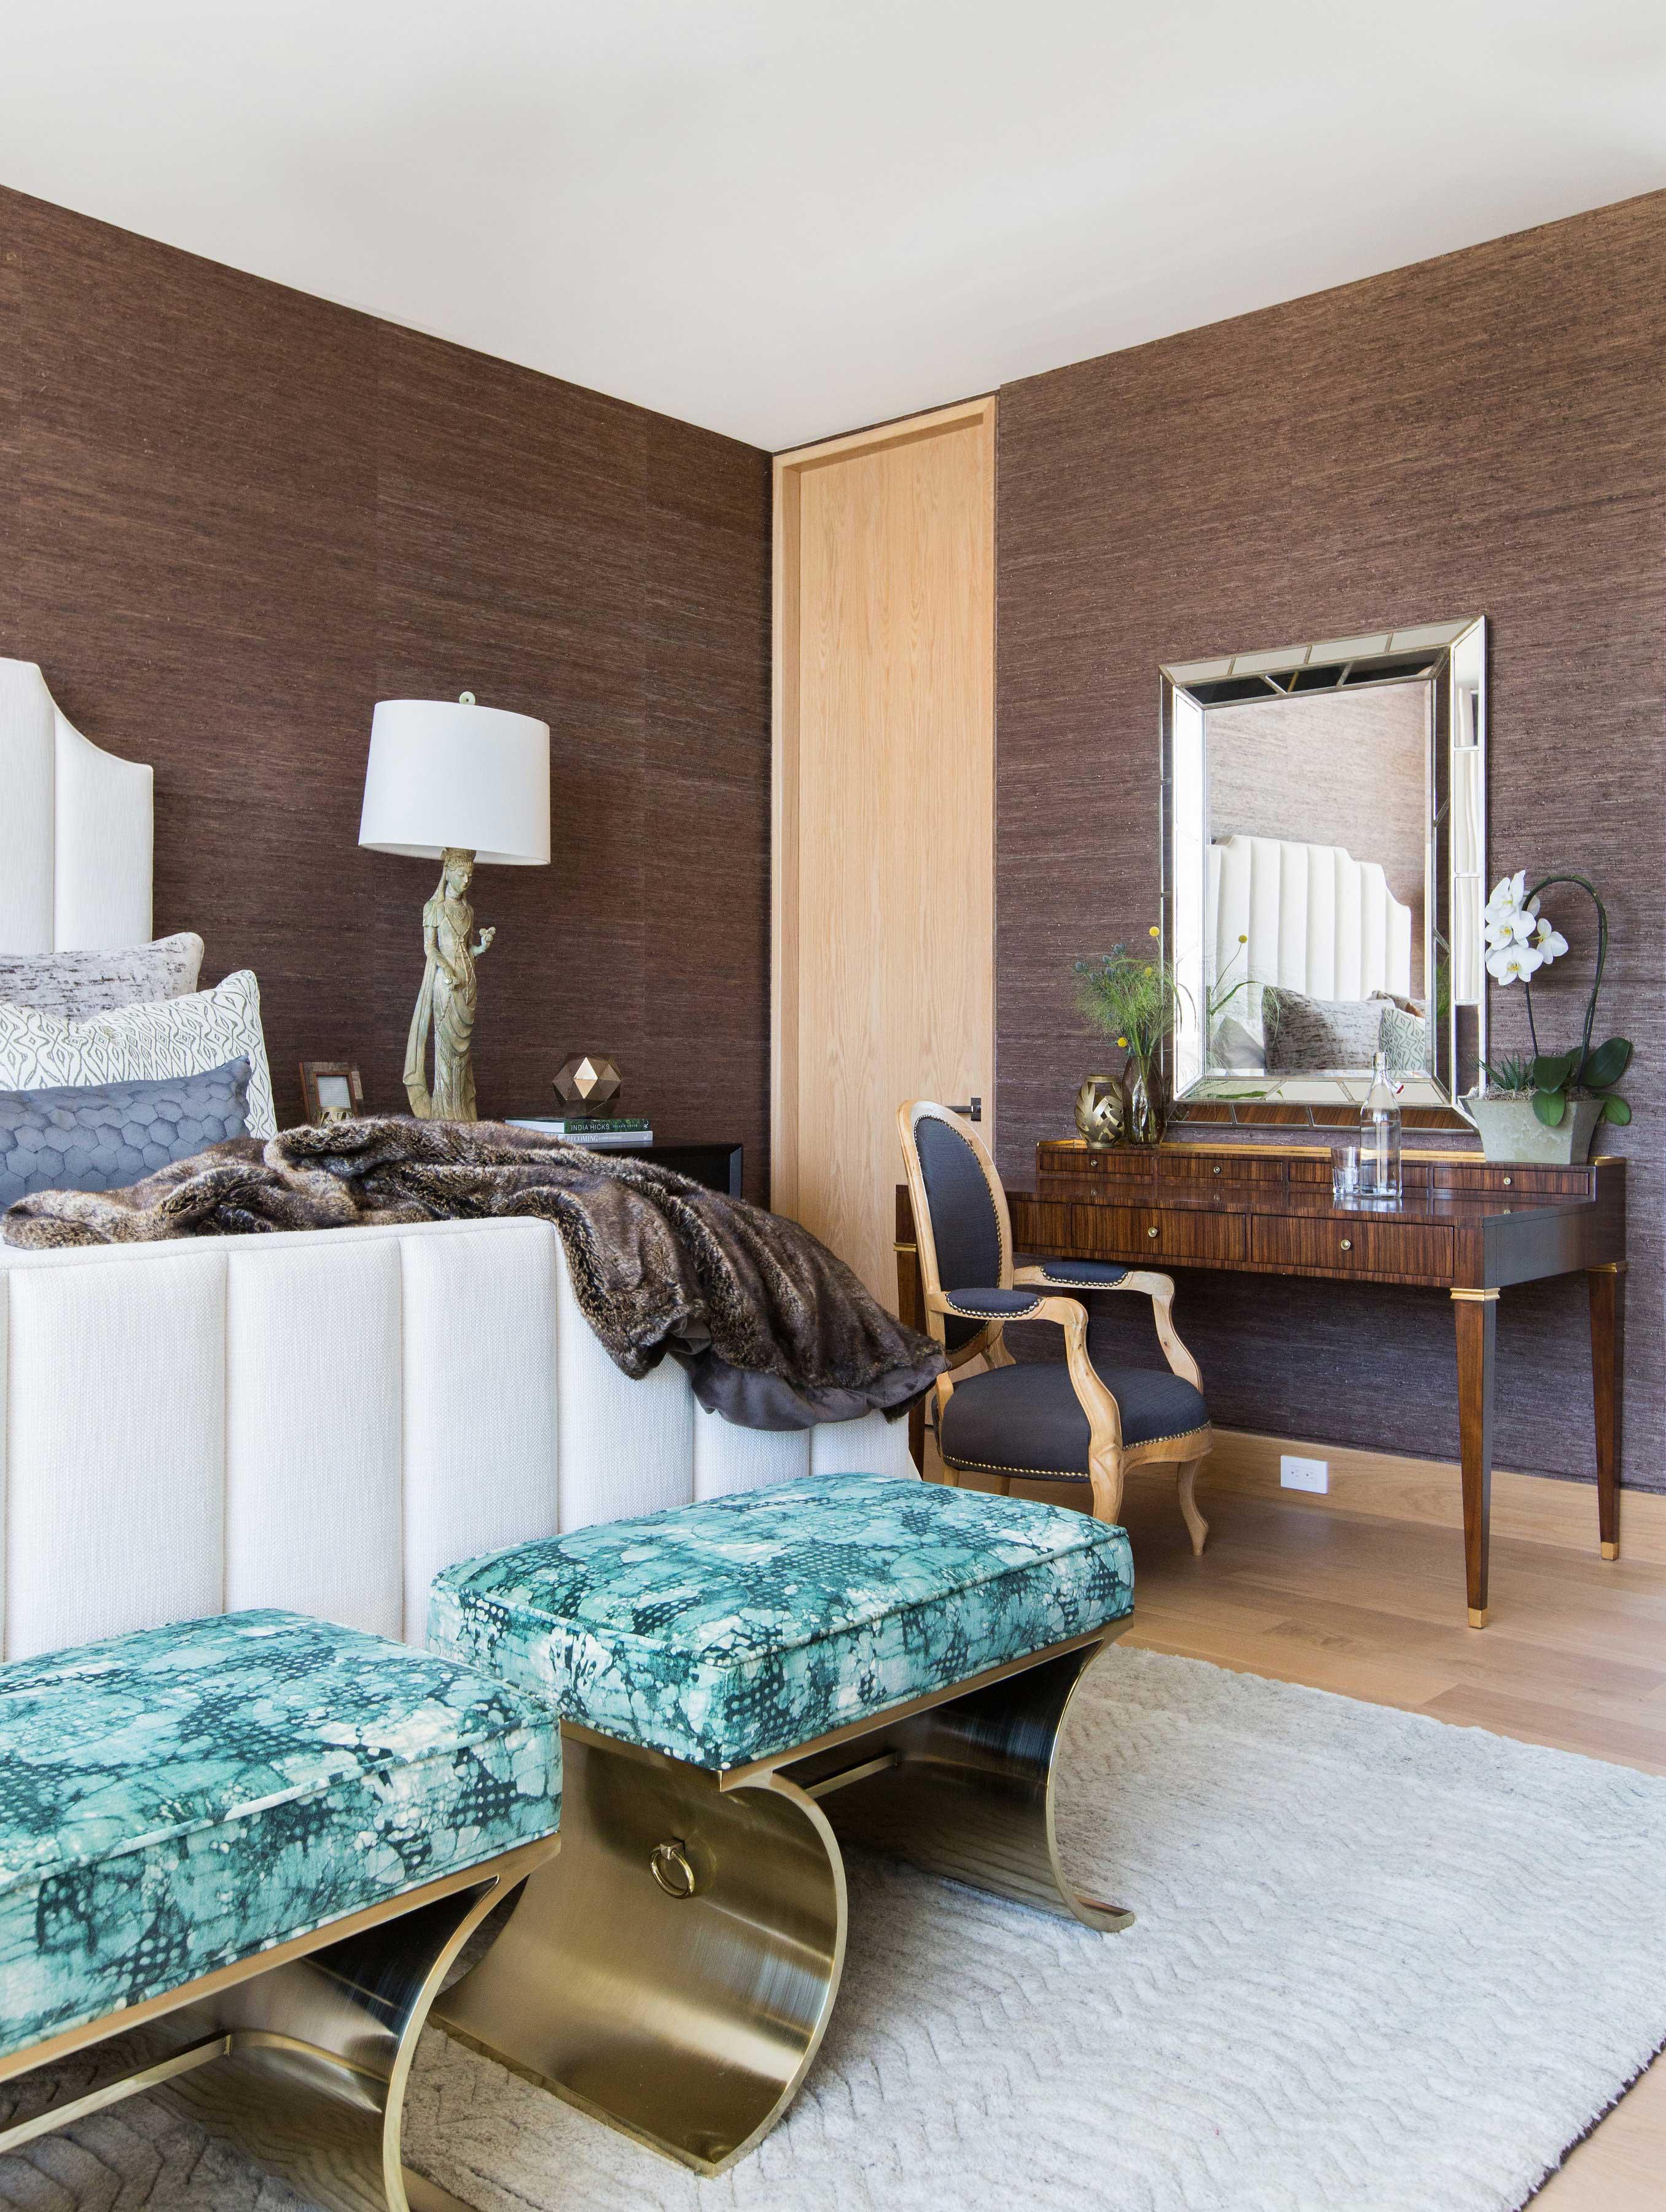 blackband_design_project_bel-air_guest_bedroom_9